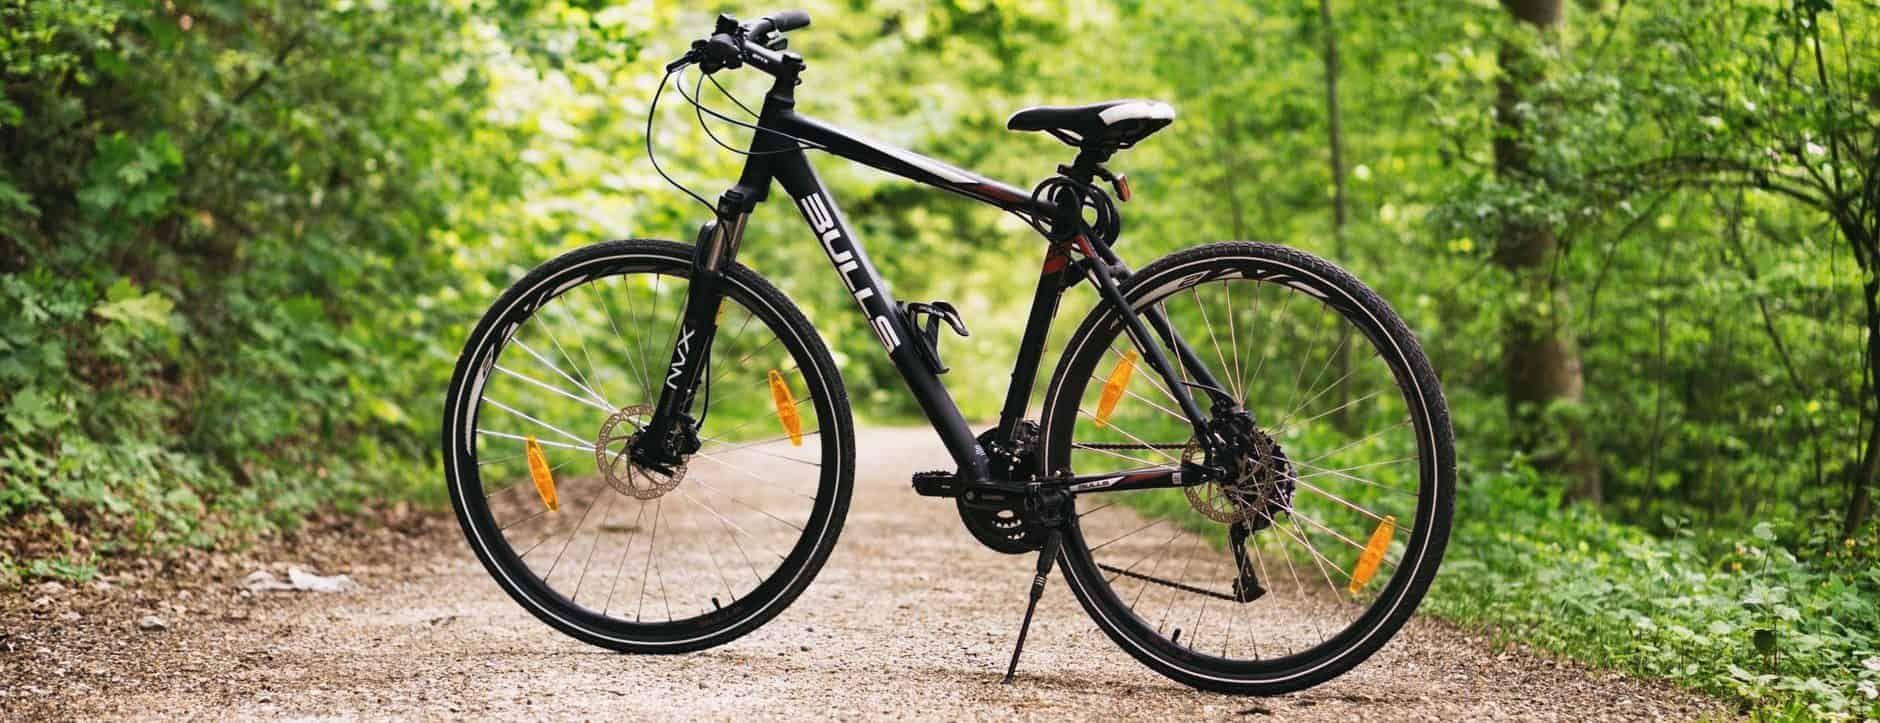 Online Bike Store List The Best 20 Online Bike Stores Best Bmx